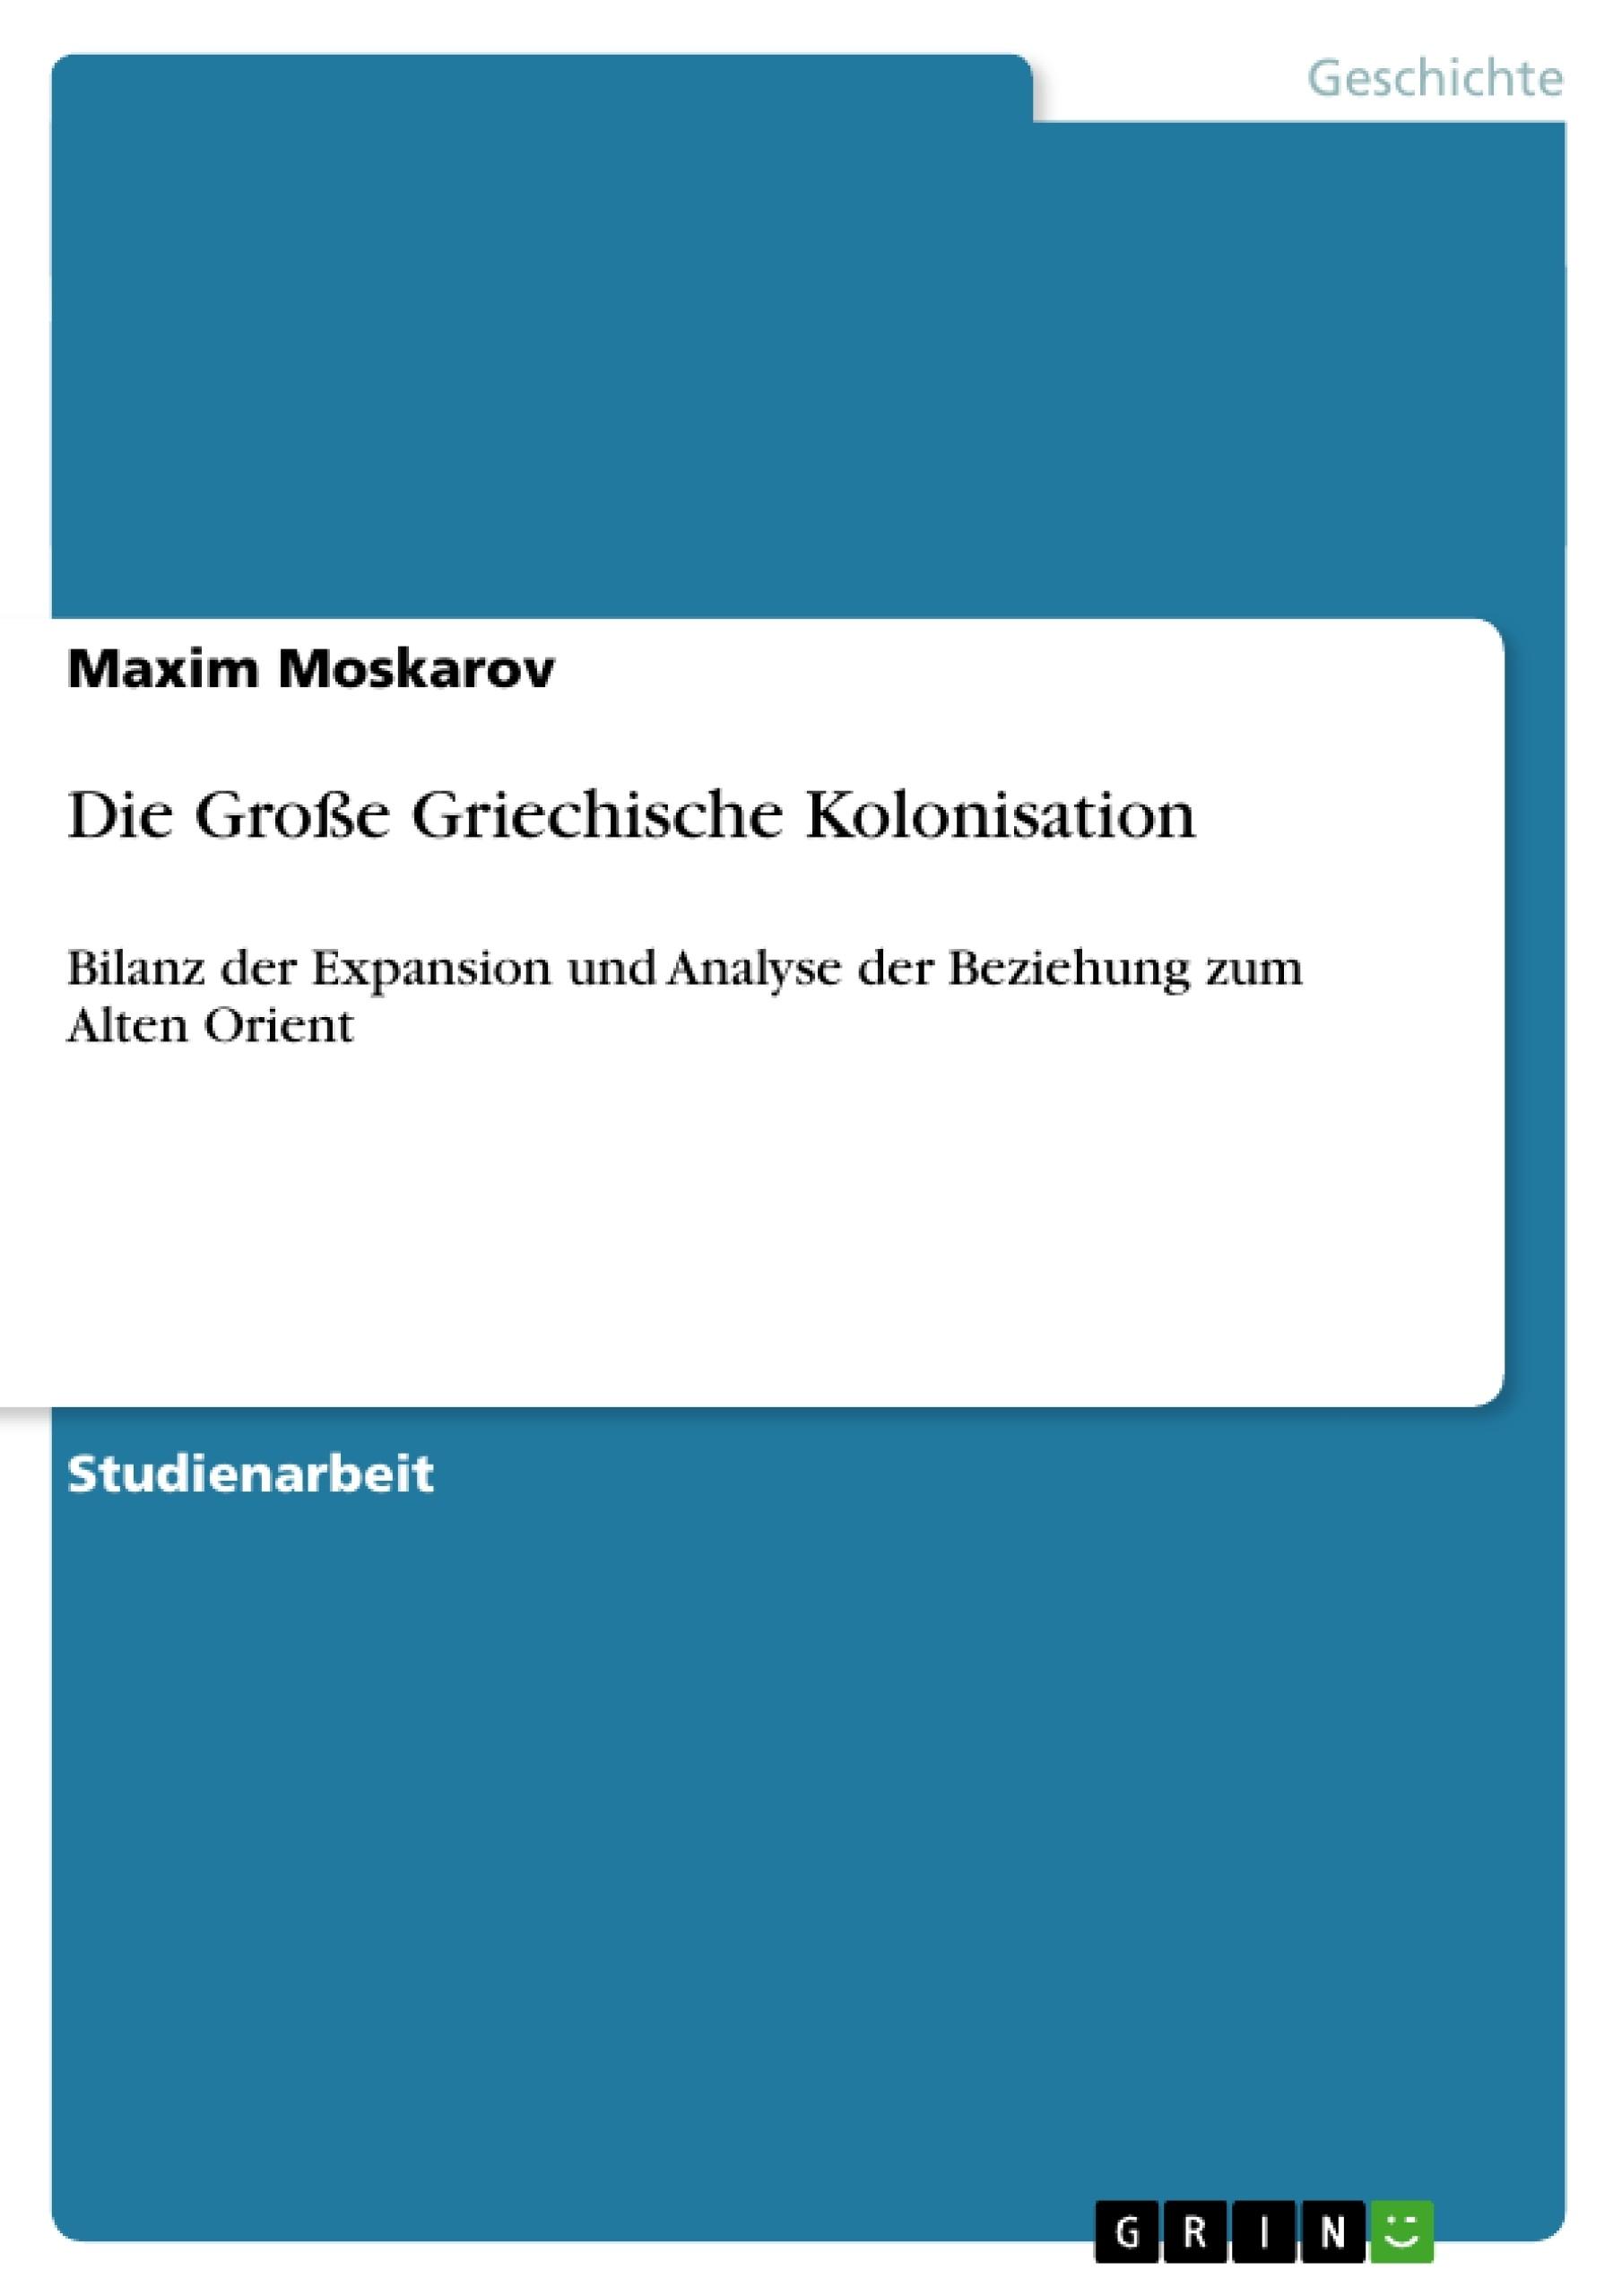 Titel: Die Große Griechische Kolonisation